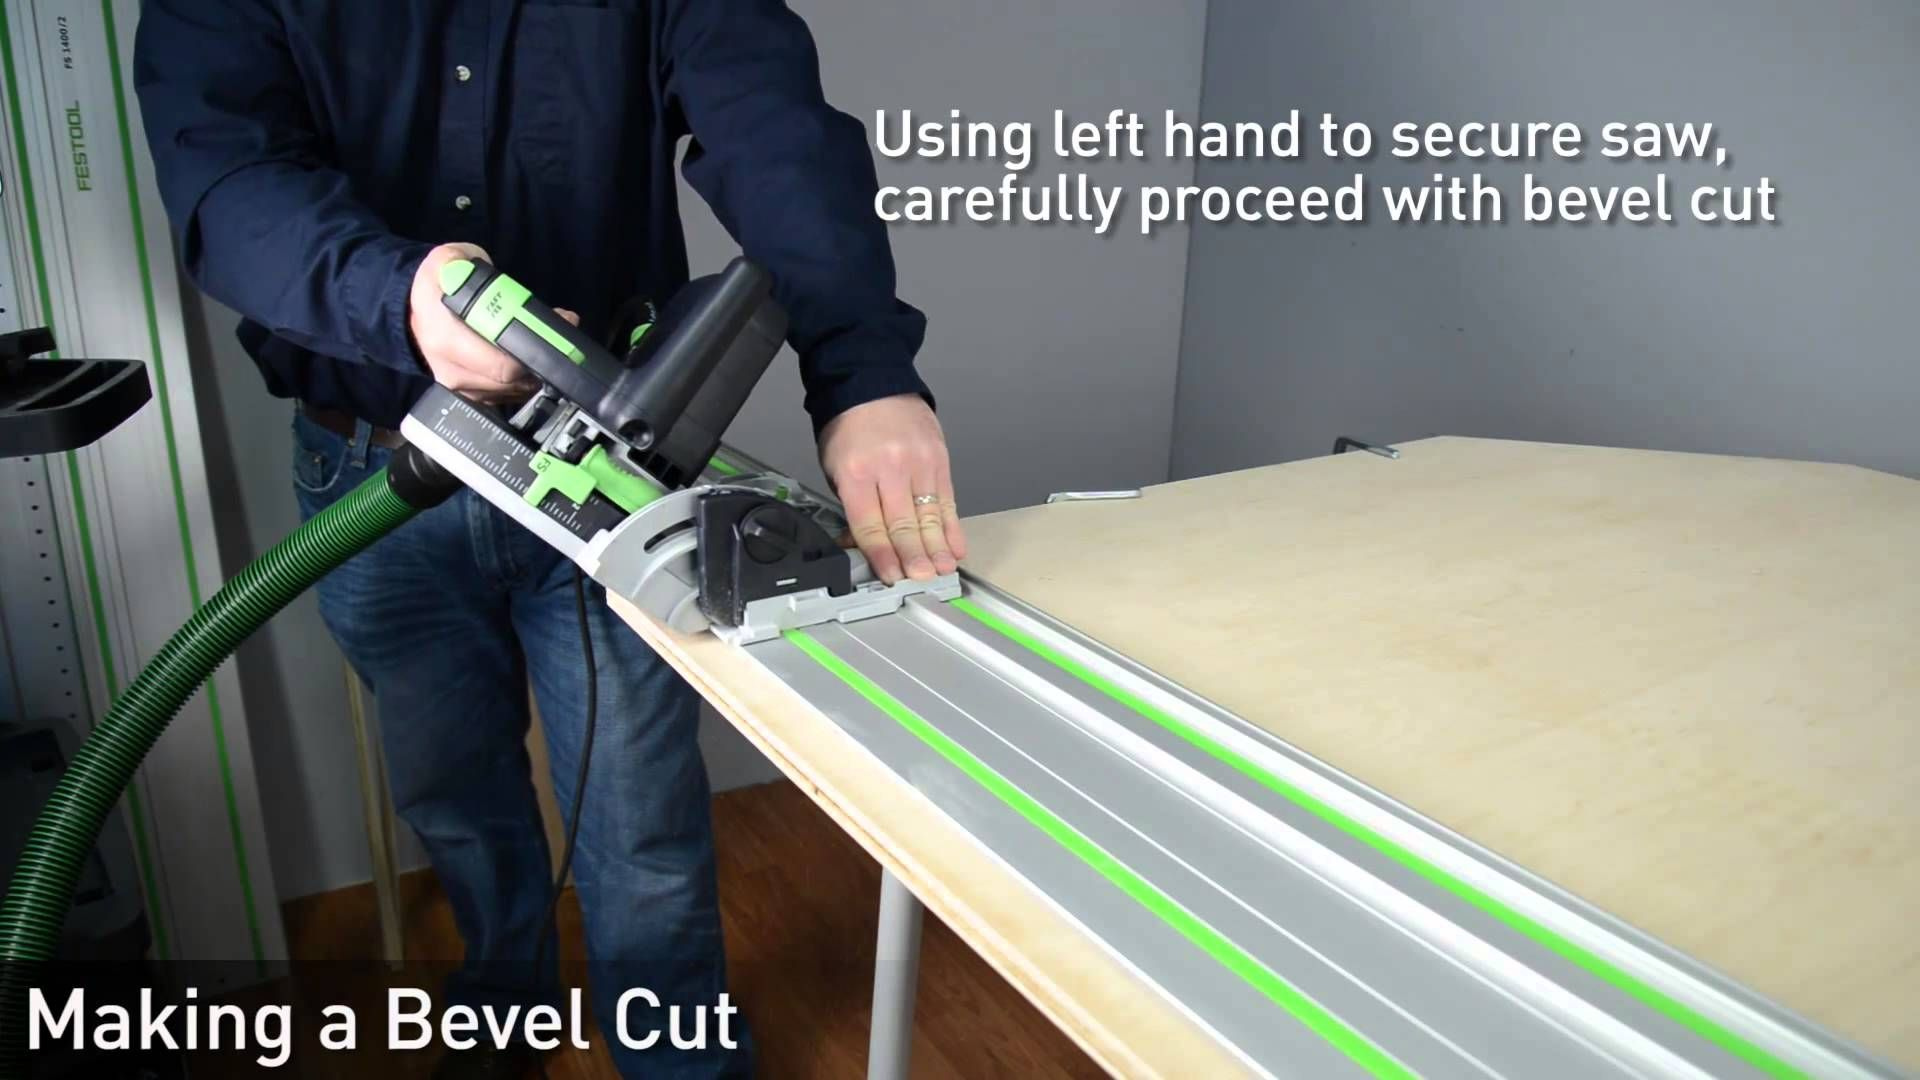 Festool Ts 55 Req Track Saw Getting Started Festool Festool Ts 55 Jet Woodworking Tools